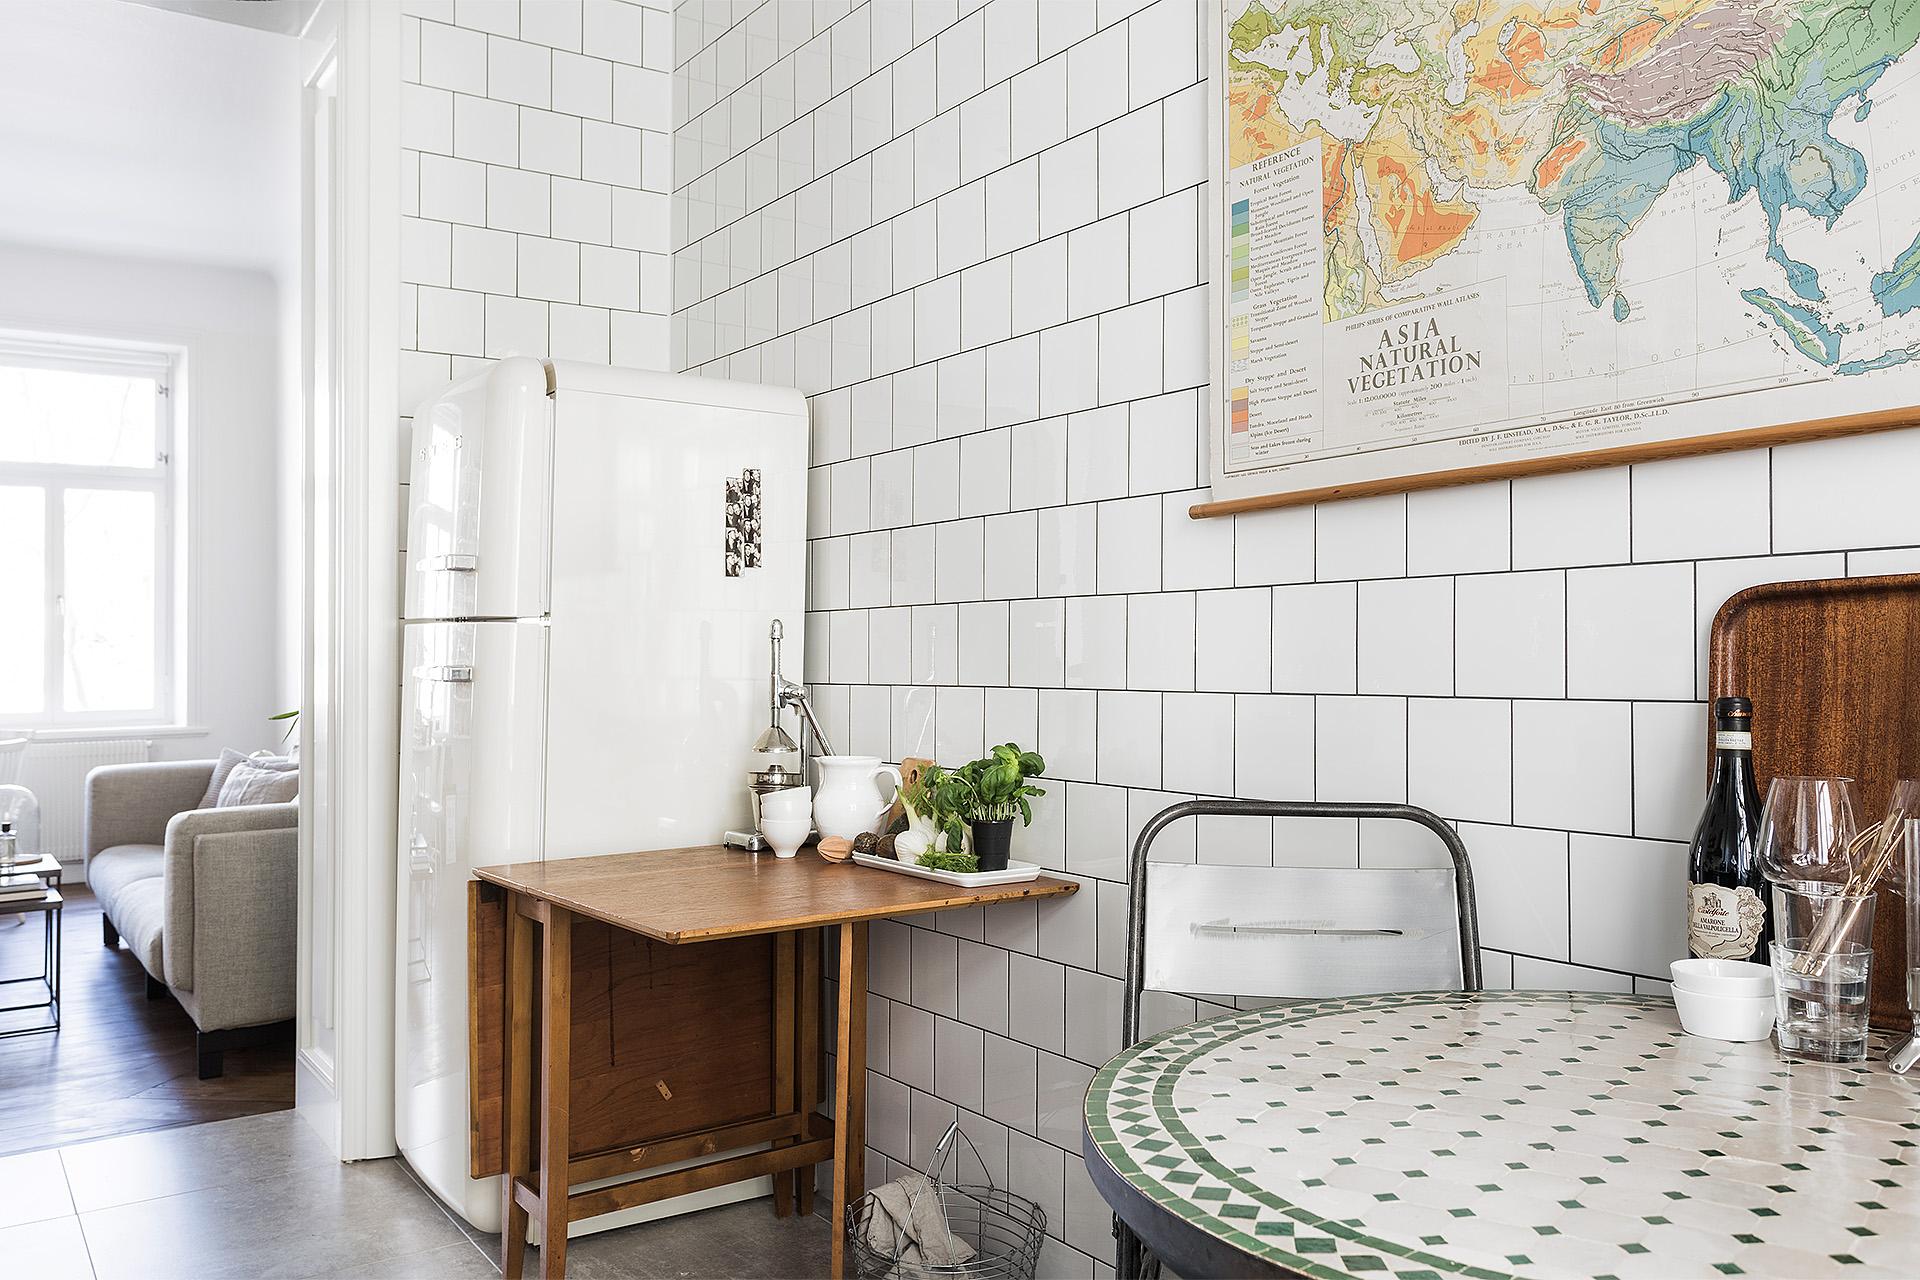 De keukenkasten zijn strak, modern en donkerblauw, afgewerkt met een ...